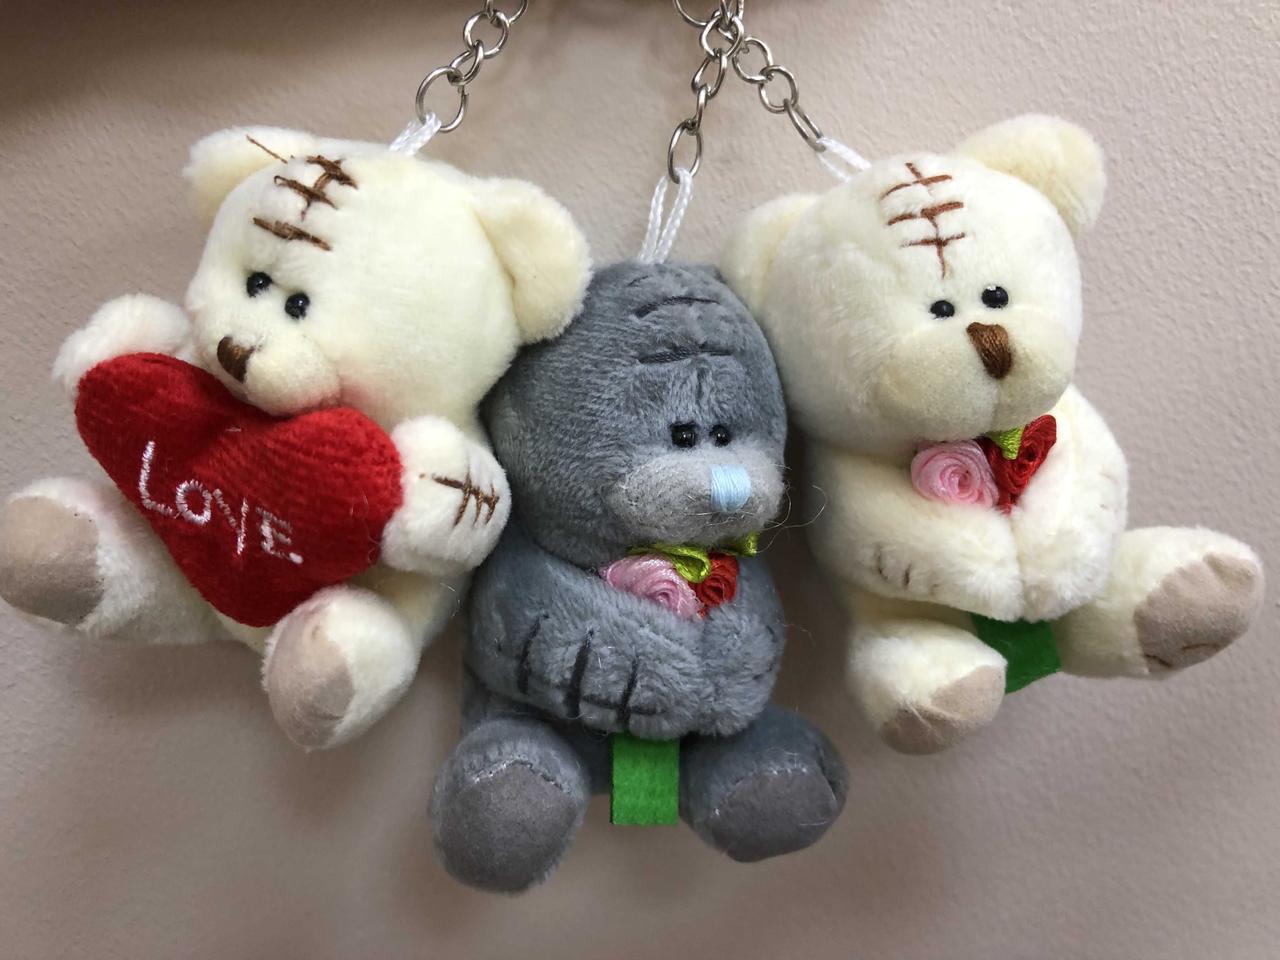 """Брелок - іграшка """"Ведмедик з квітами, серцем"""", Брелок """"Мишка с цветами, сердце"""""""